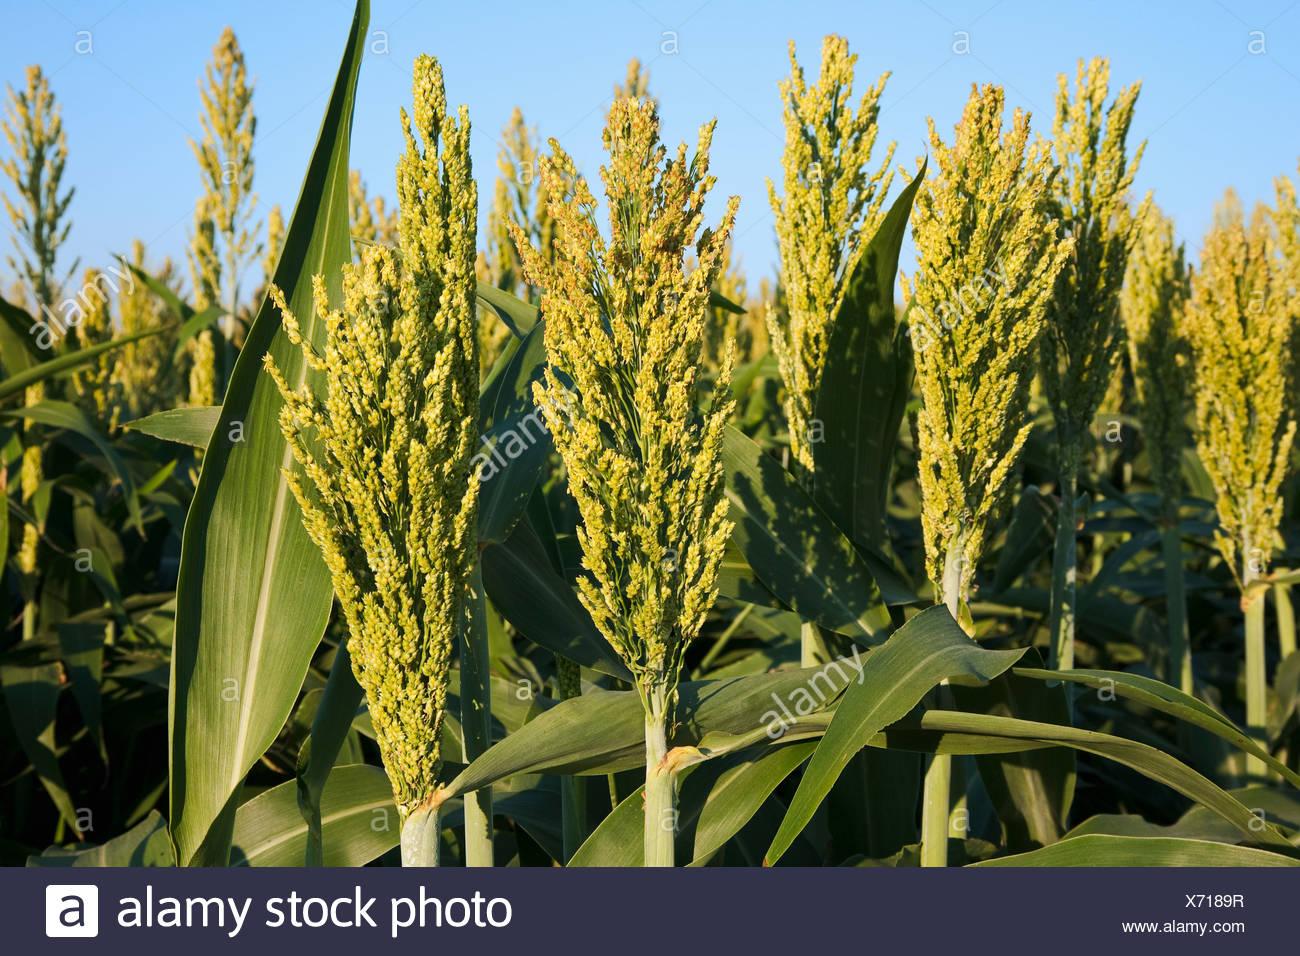 Landwirtschaft - Nahaufnahme von Getreide Hirse (Milo) Pflanzen mit voll ausgebildet und reifenden Köpfe / Arkansas, USA. Stockbild